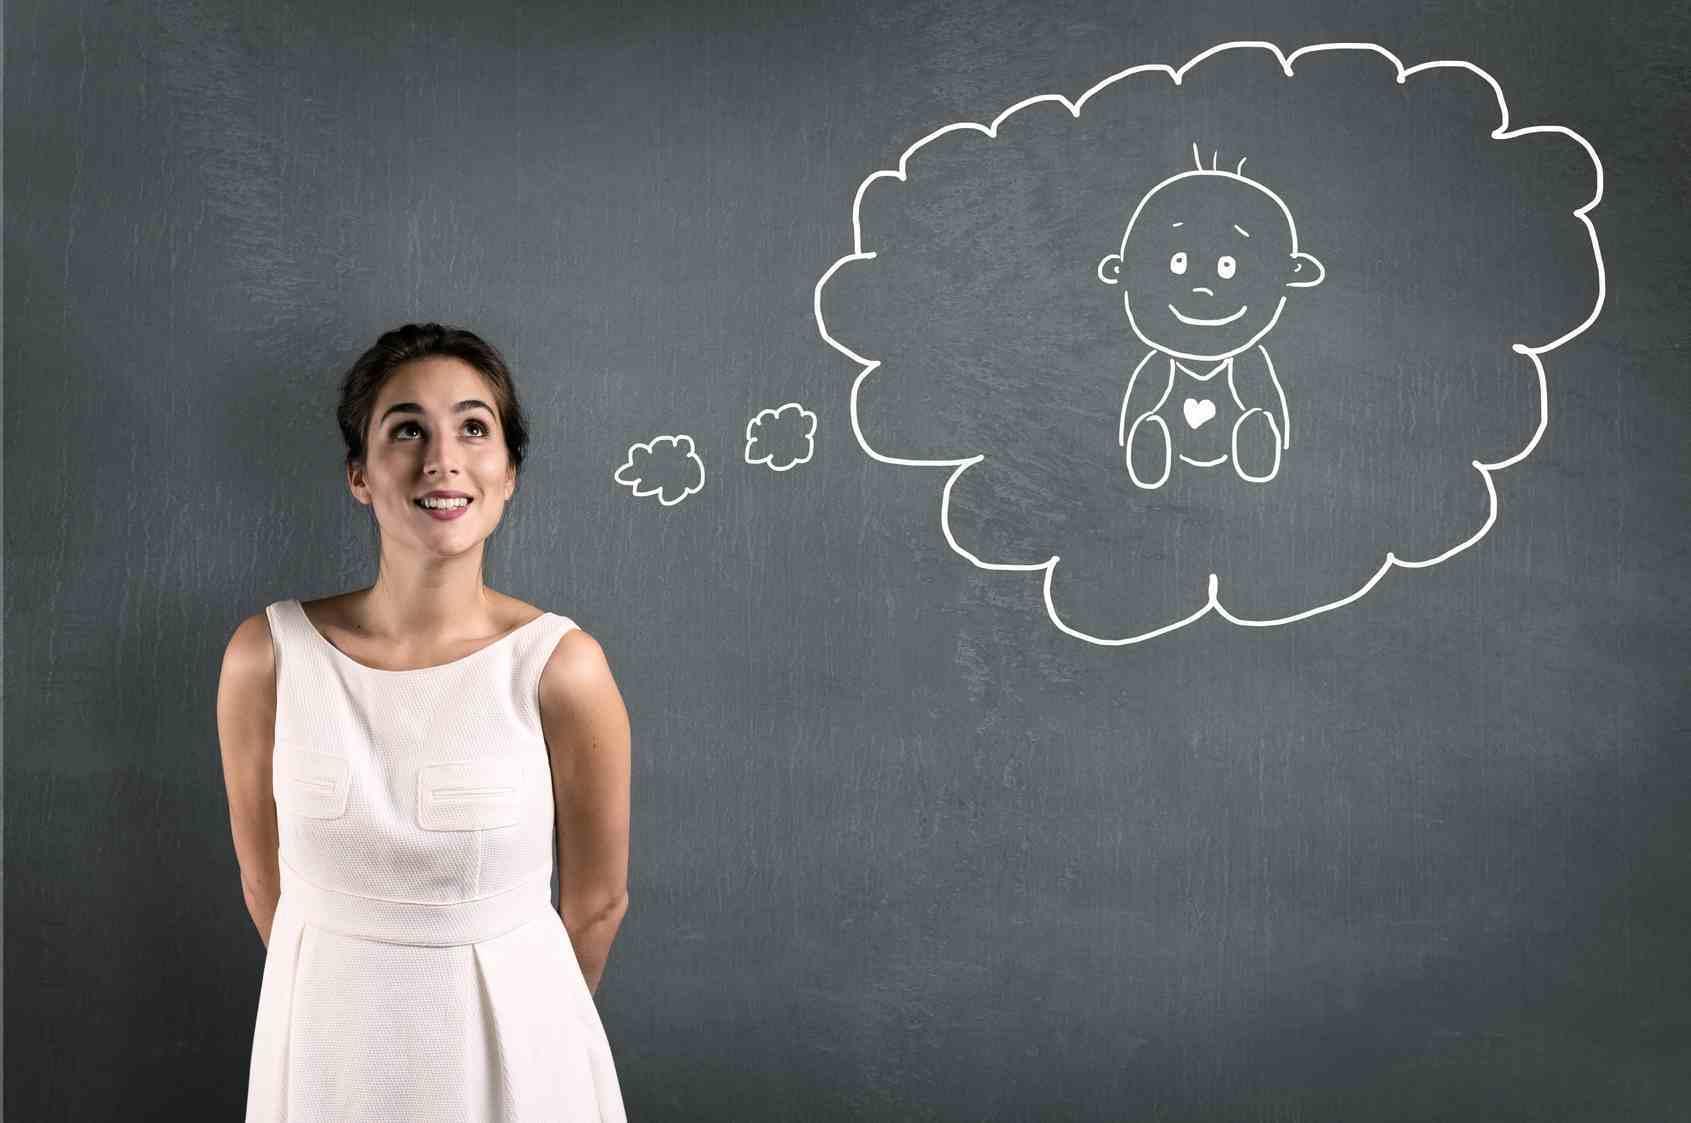 Низкий антимюллеров гормон и беременность